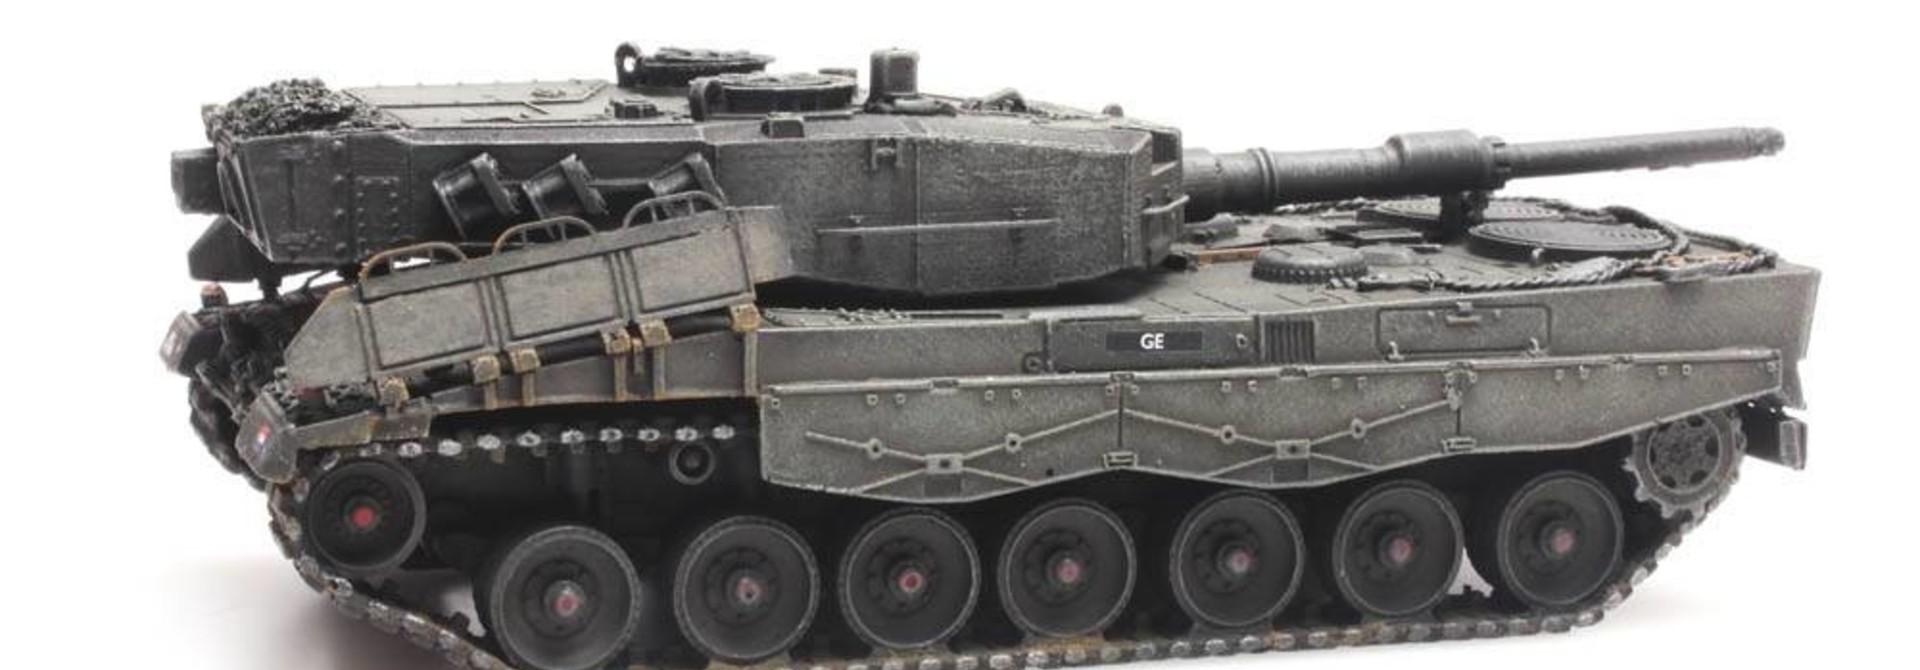 6870111 NL Leopard 2A4 Treinlading